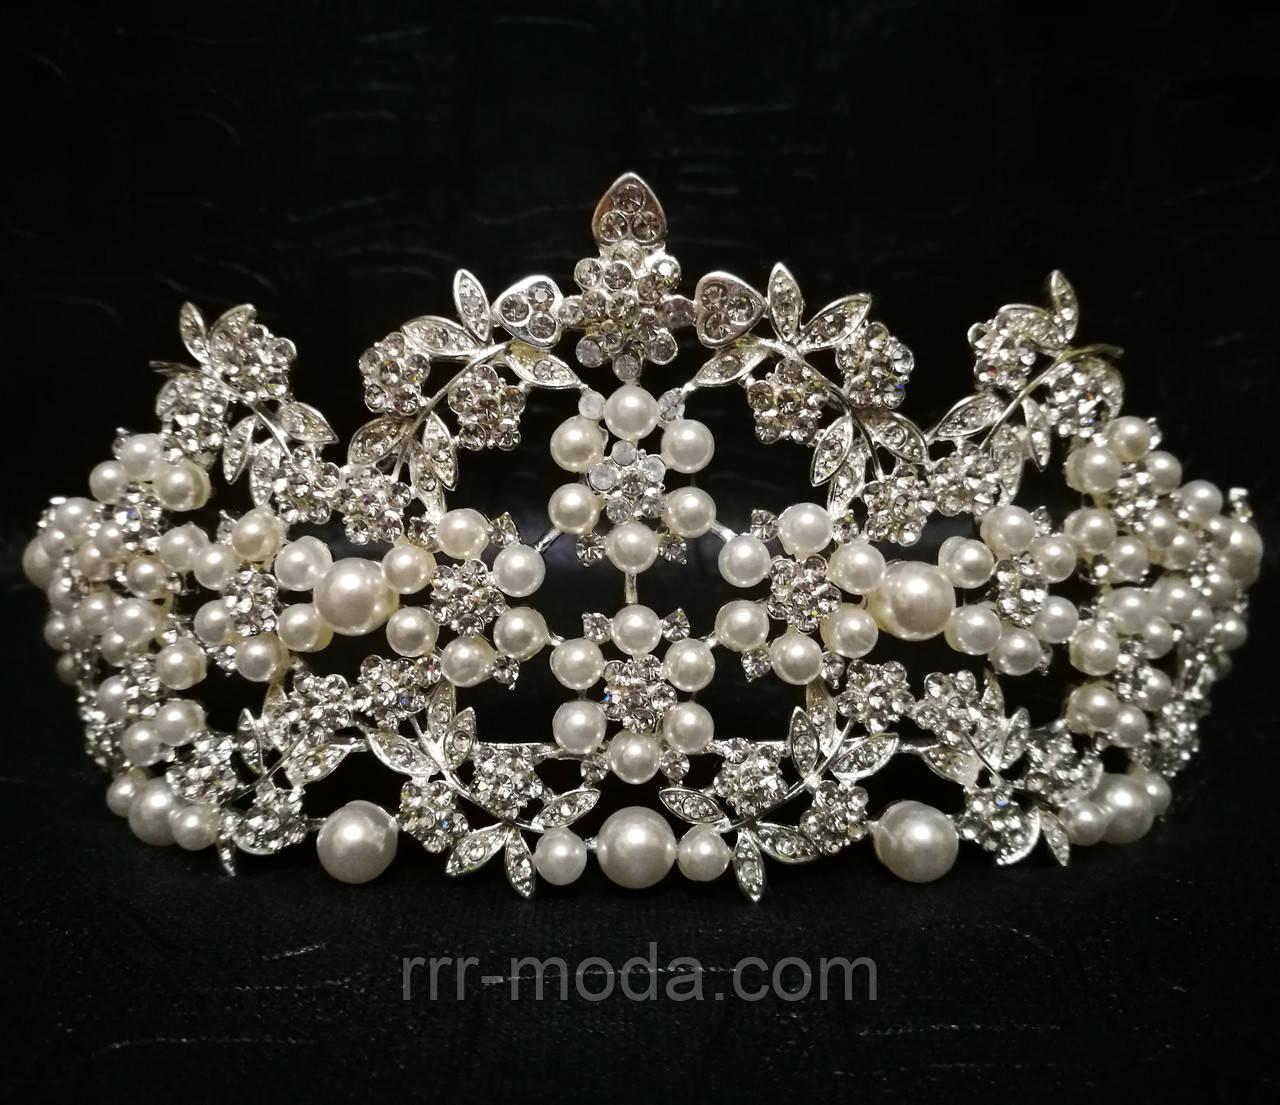 Интересные свадебные короны с жемчугом. Необычная высокая корона из страз и жемчуга 165